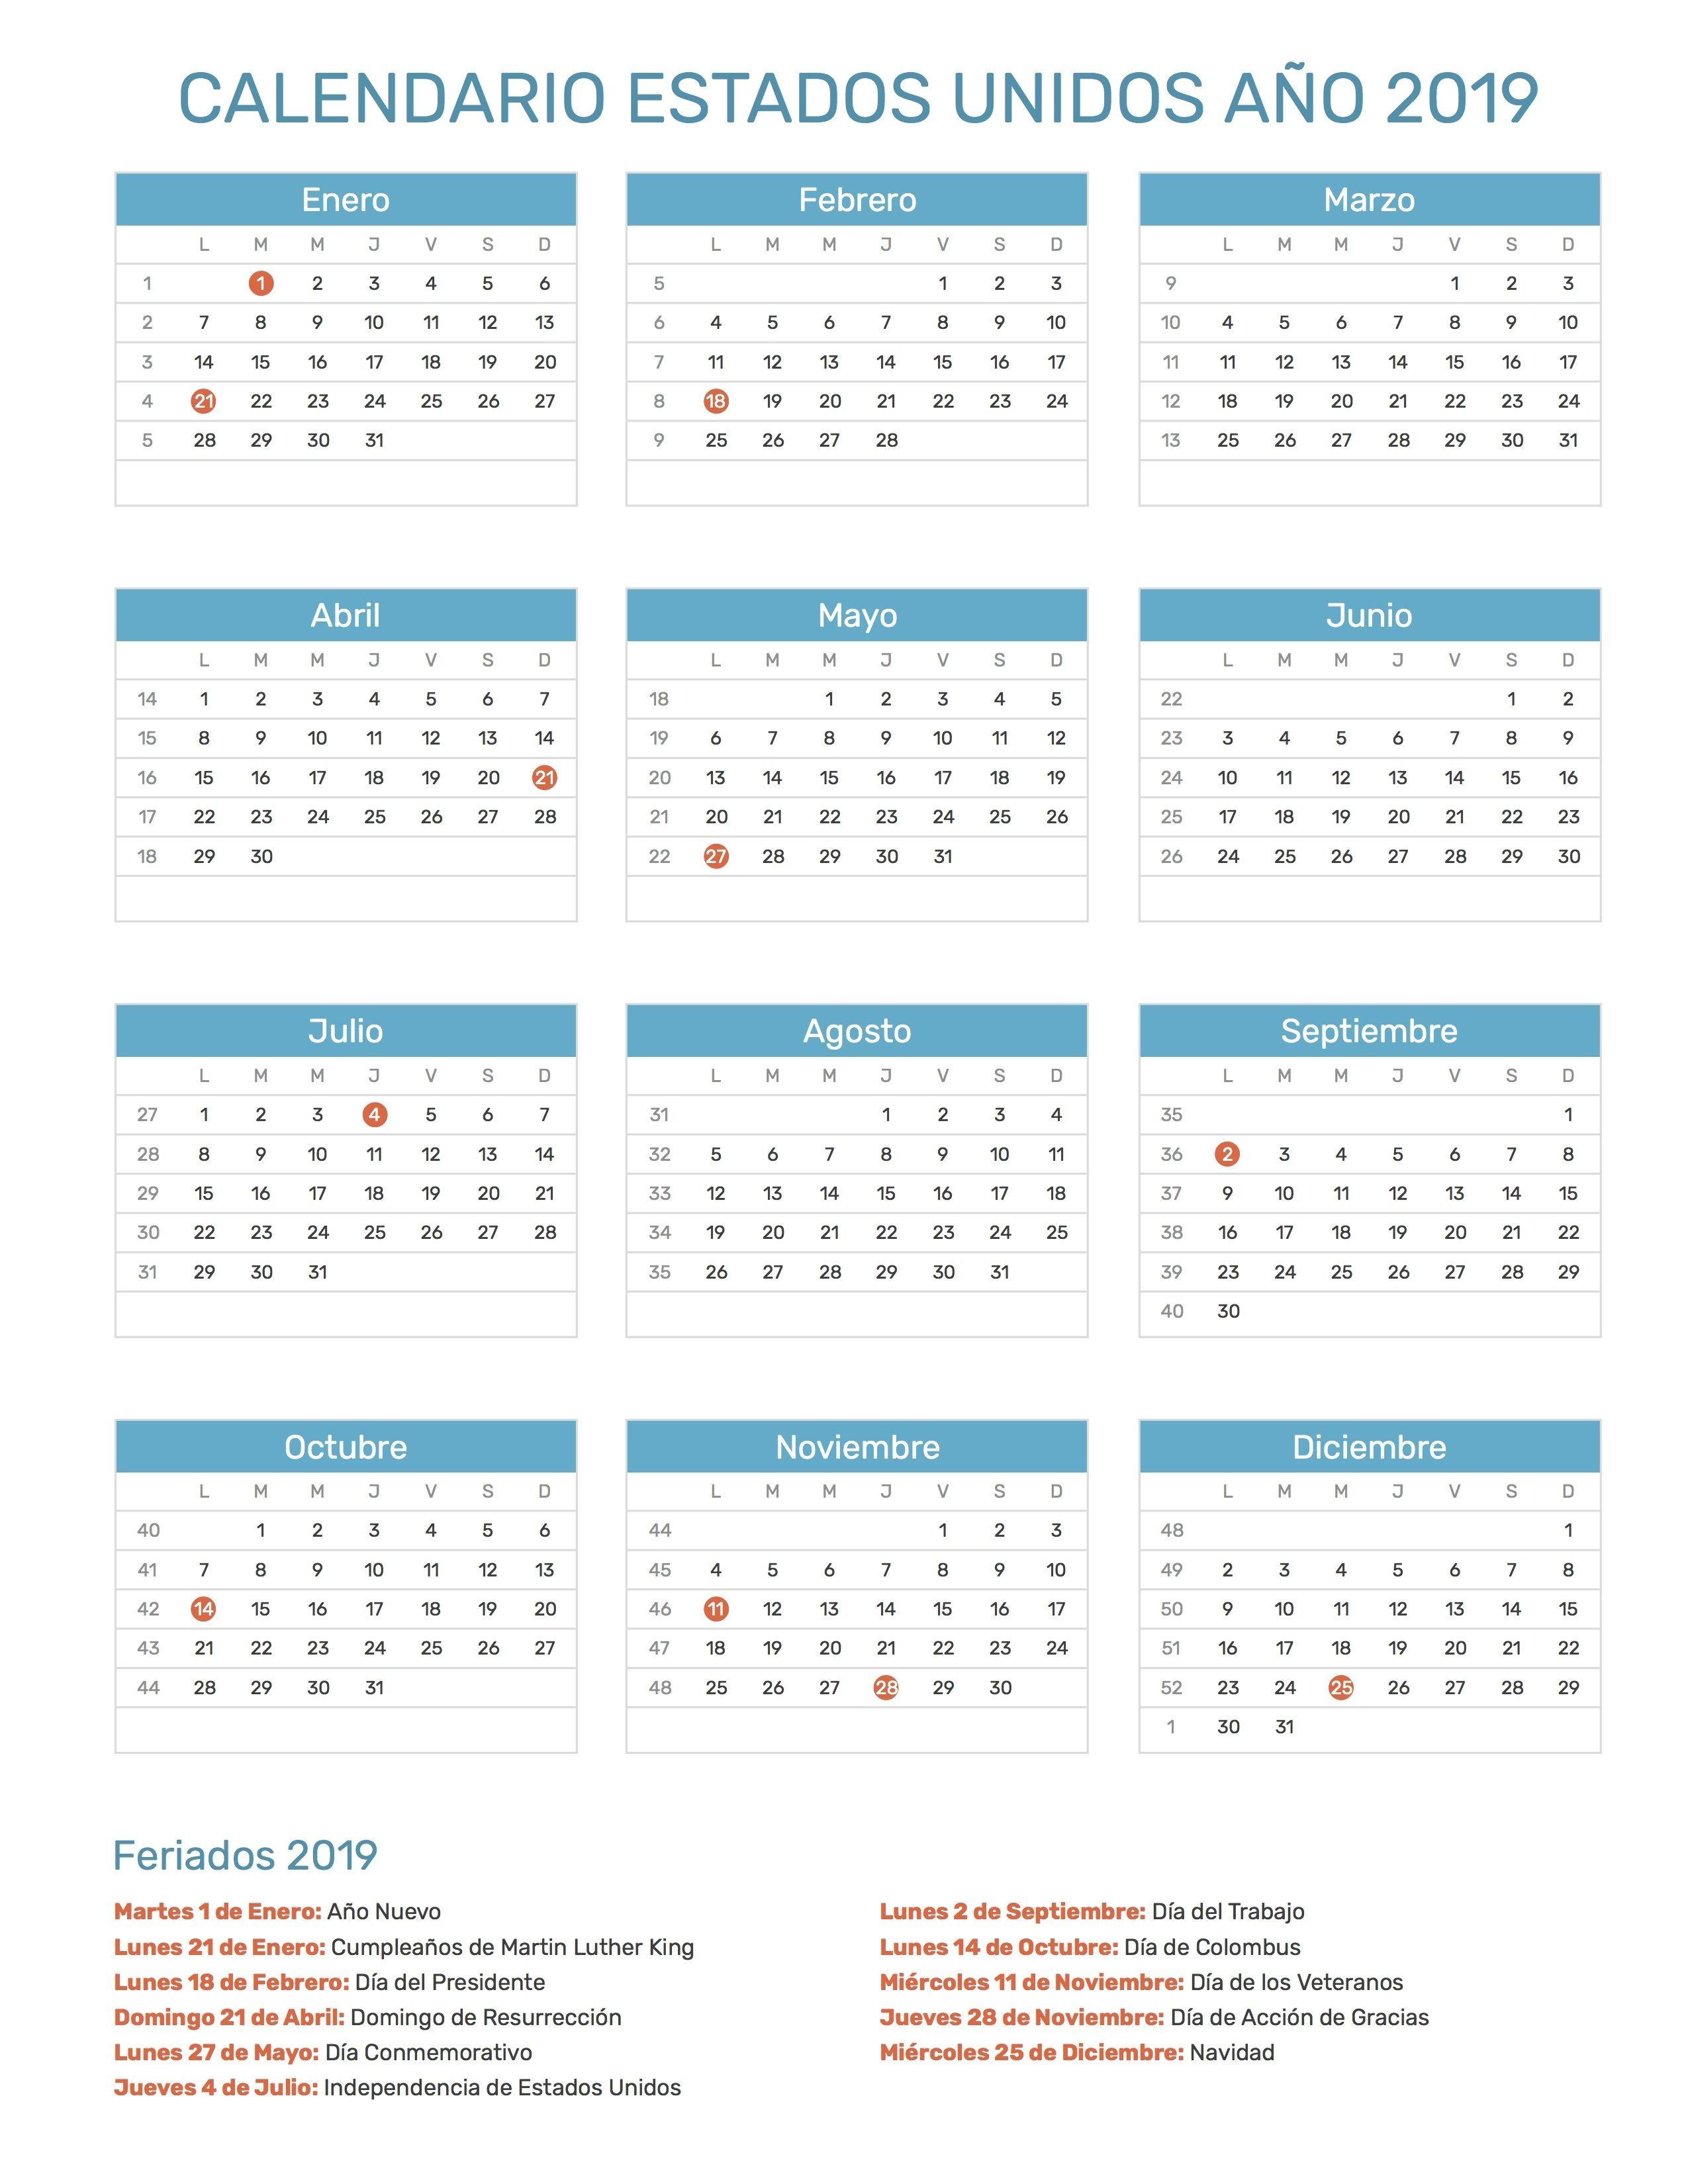 Calendario Infantil Para Imprimir Agosto 2019 Más Caliente Pin De Calendario Hispano En Calendario Con Feriados A±o 2019